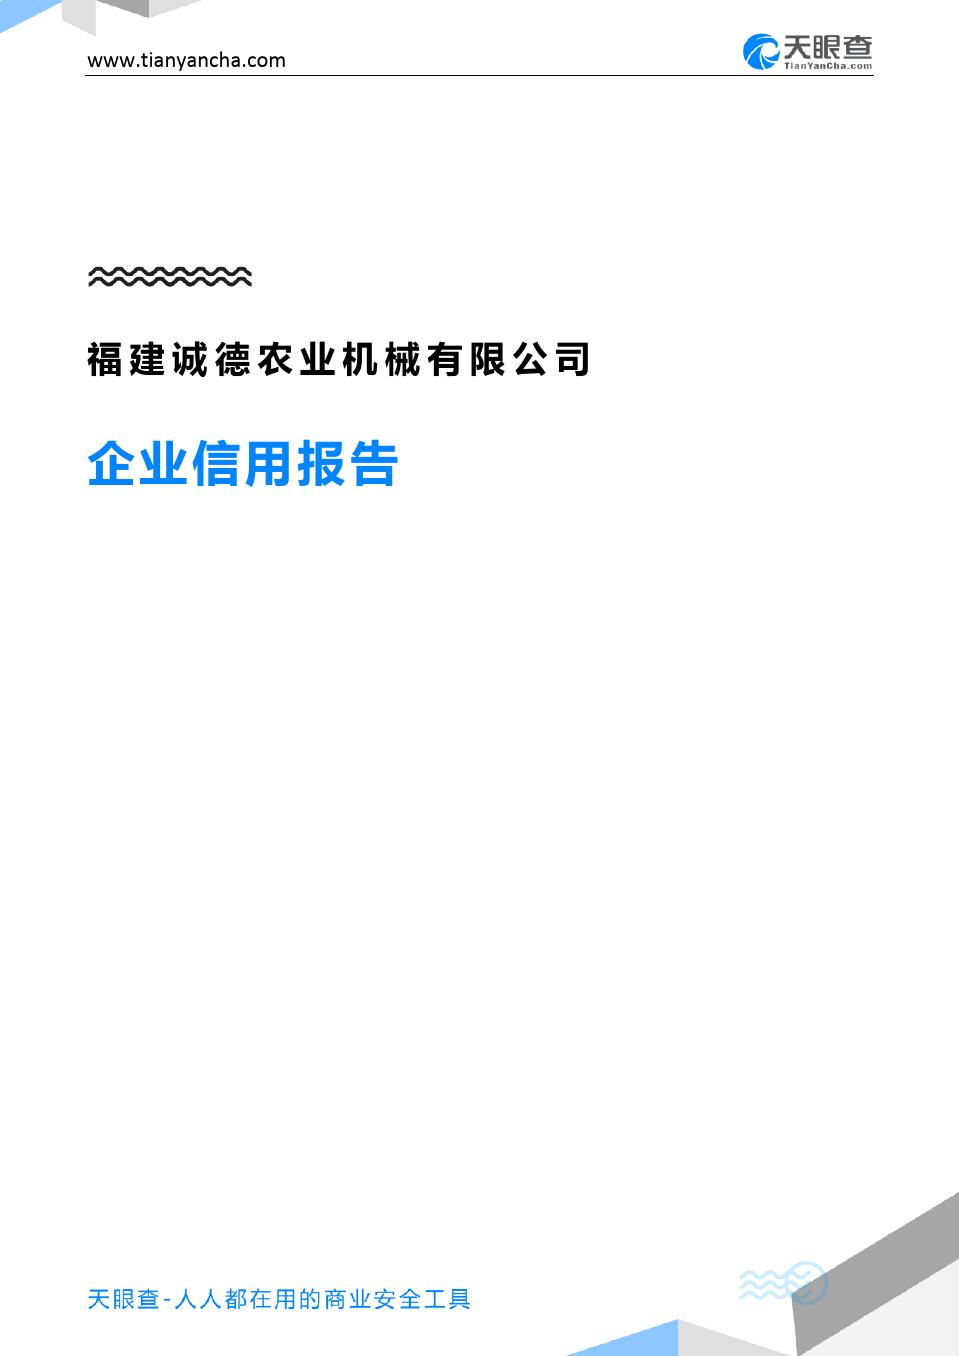 福建诚德农业机械有限公司(企业信用报告)- 天眼查